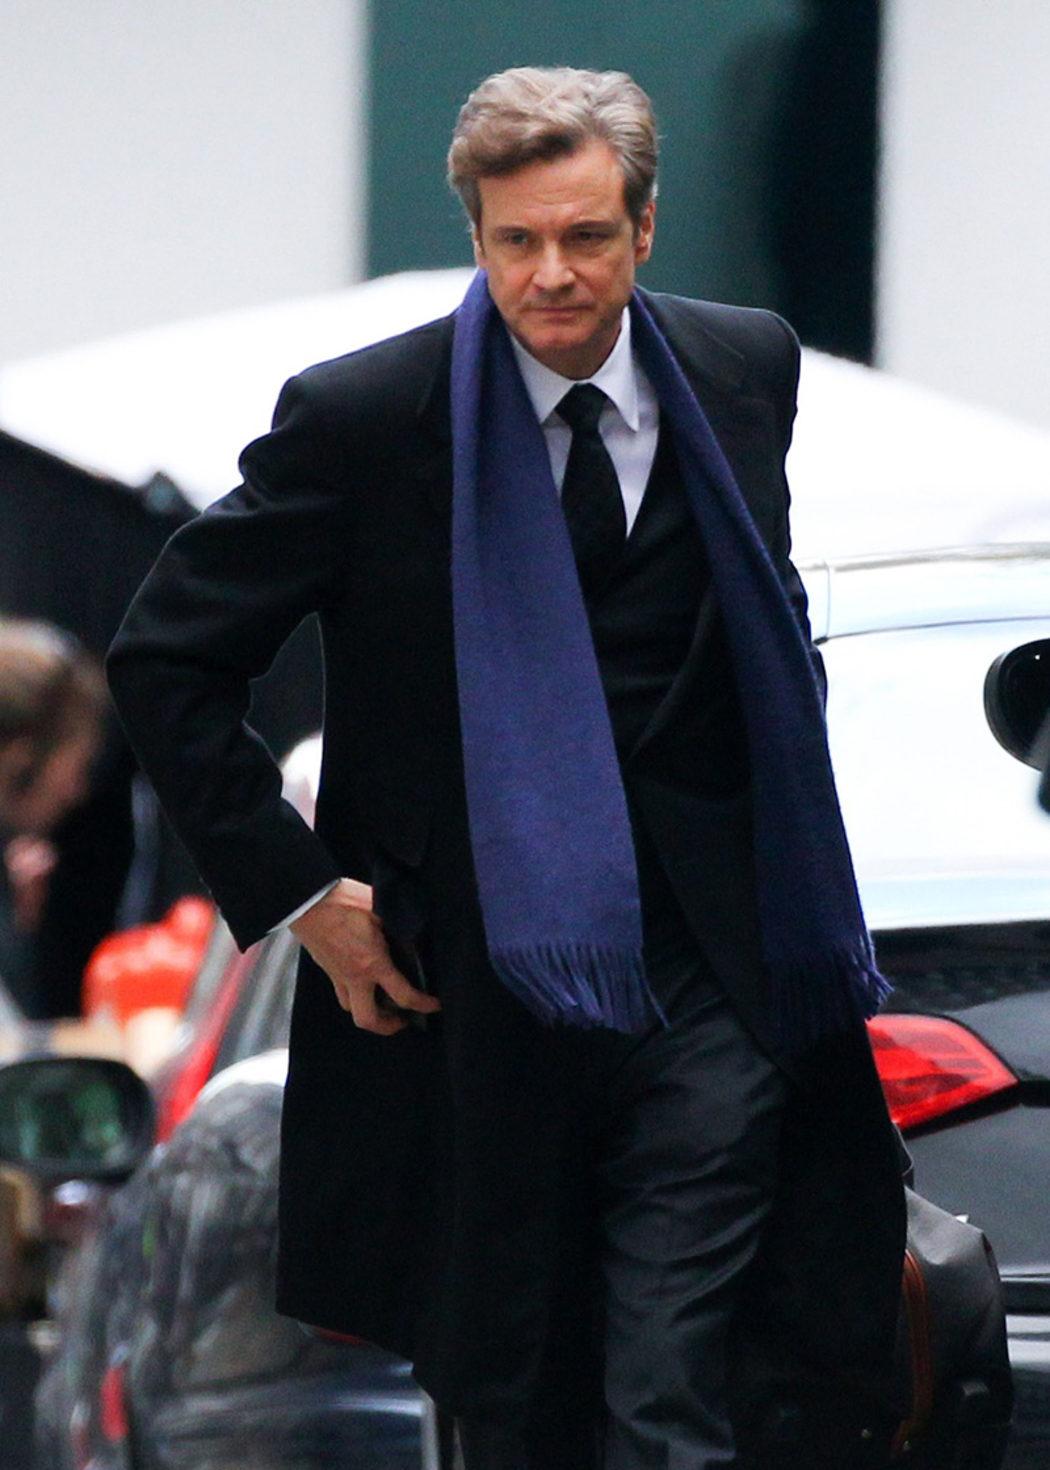 Colin Firth en el set de rodaje de 'Bridget Jones's Baby'